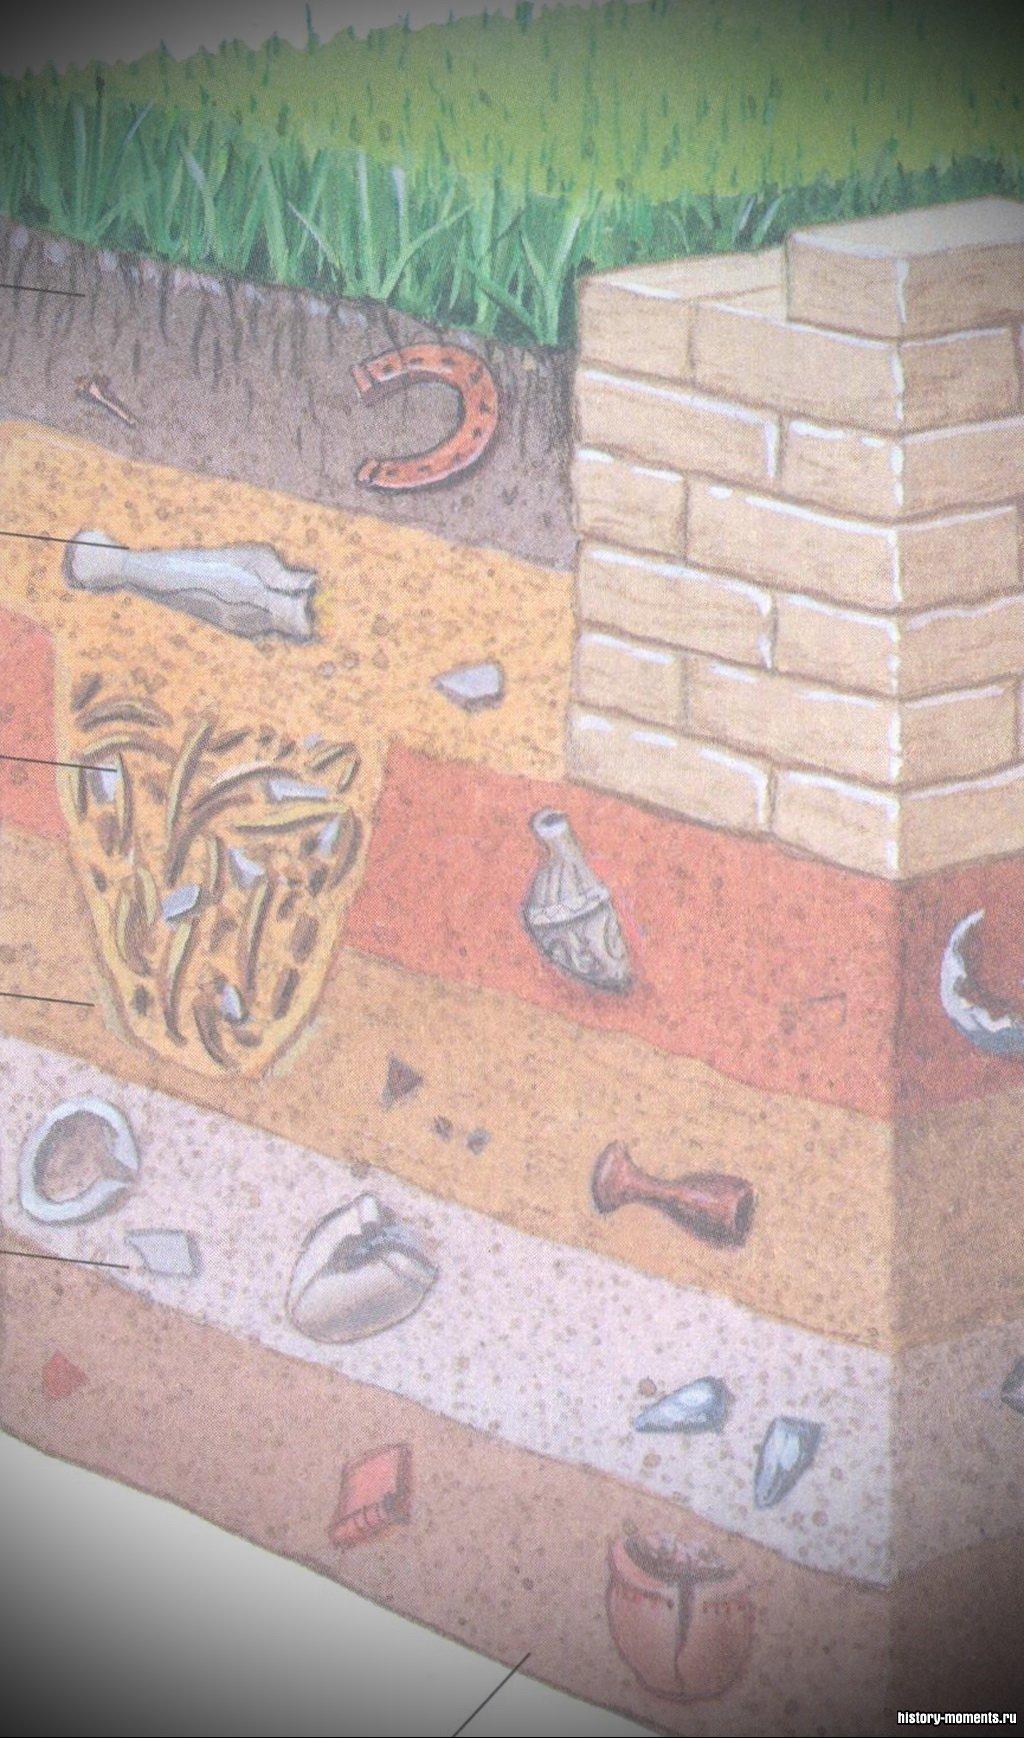 Этот земельный разрез обнажает исторические слои с находящими ся в них предметами старины. Археологи тщательно записывают, в каком именно слое были найдены свидетельства, так как это дает информацию о возрасте находок.